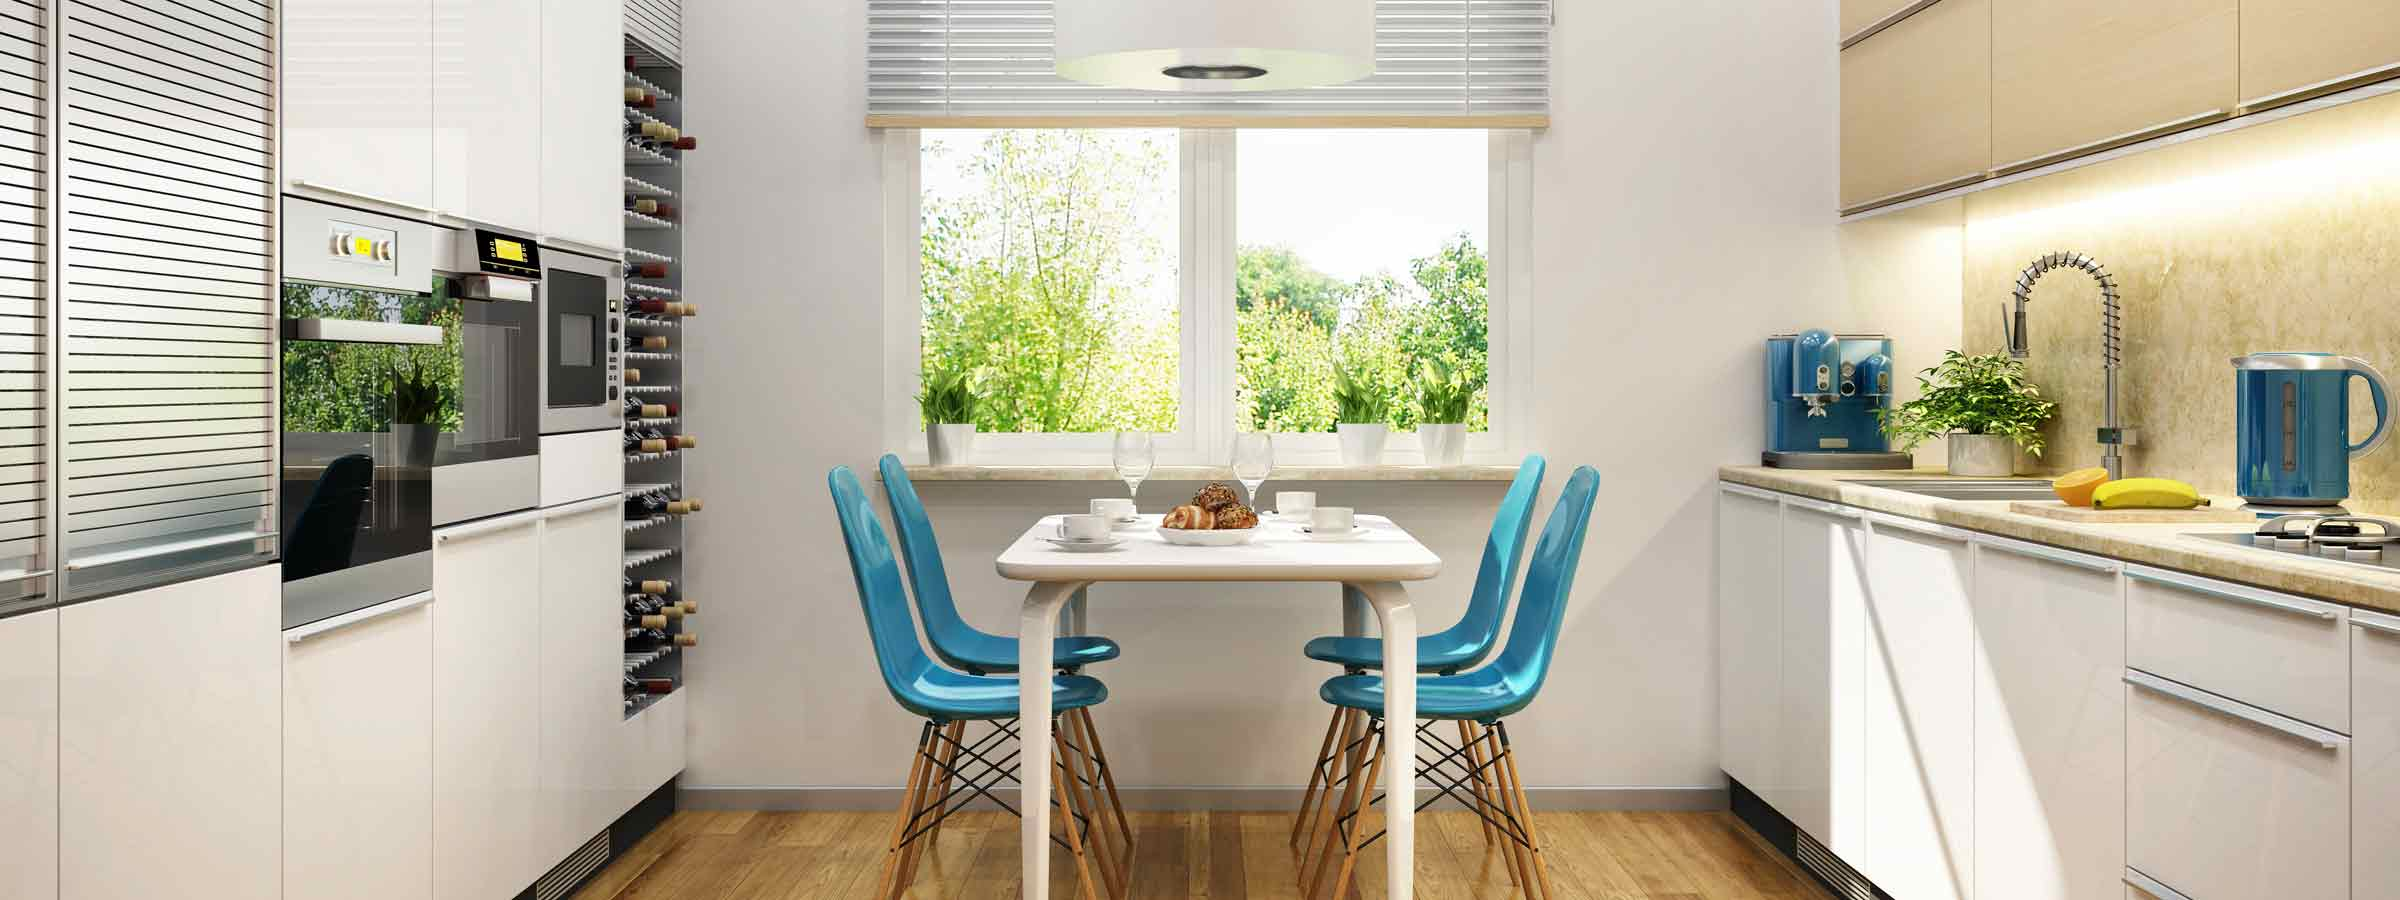 Cucina con doppia parete e tavolo al centro con deliziose sedie azzure che contrastano con il colore neutro del mobilio.